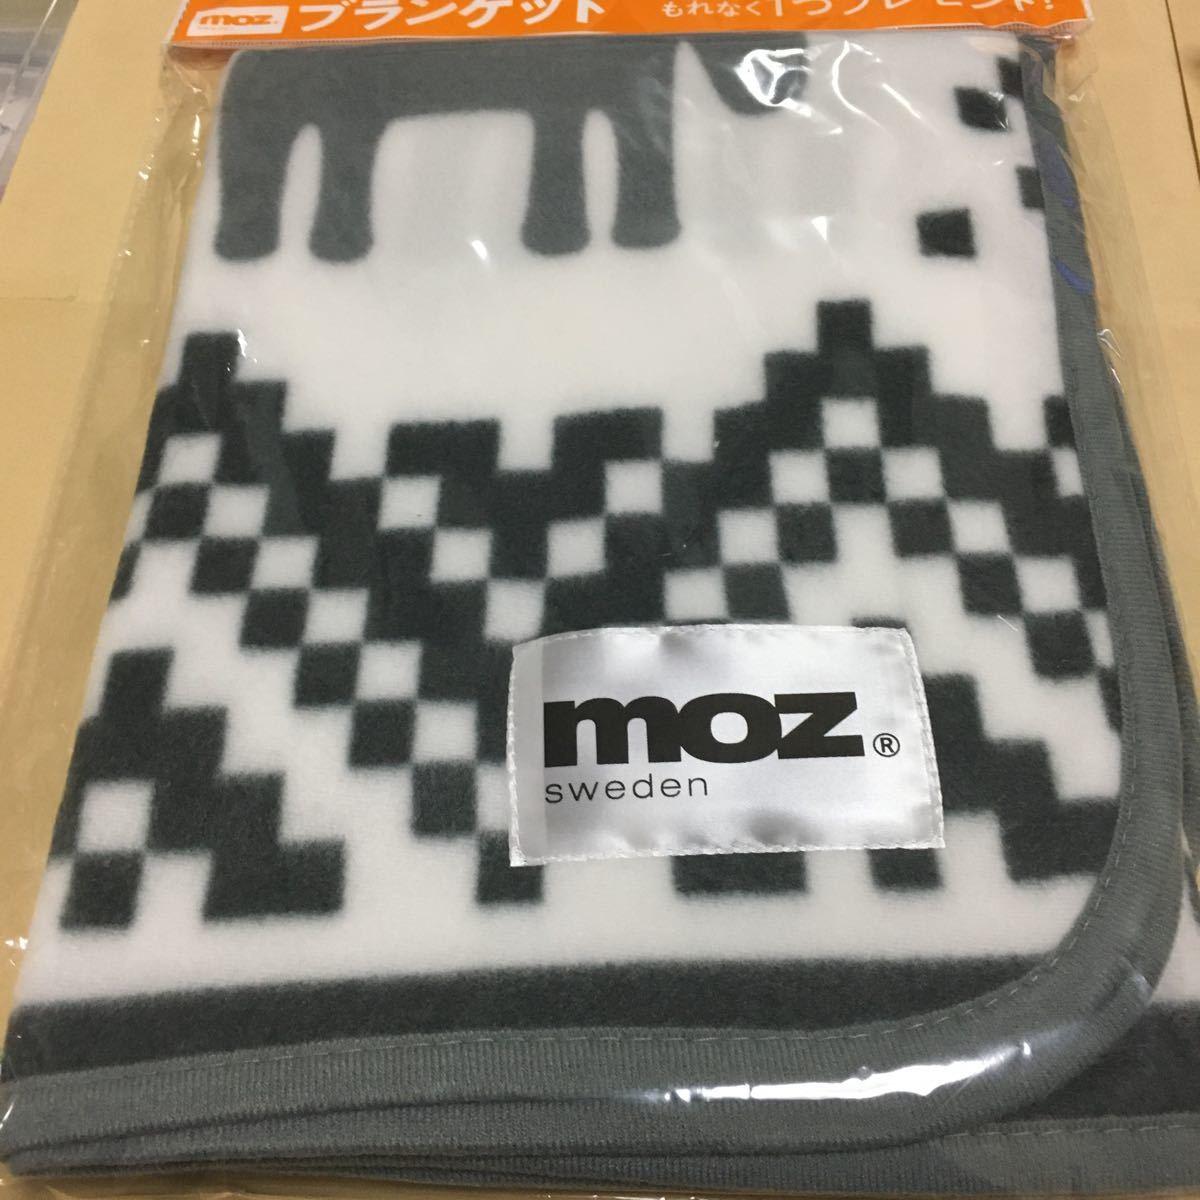 moz モズ ブランケット 非売品